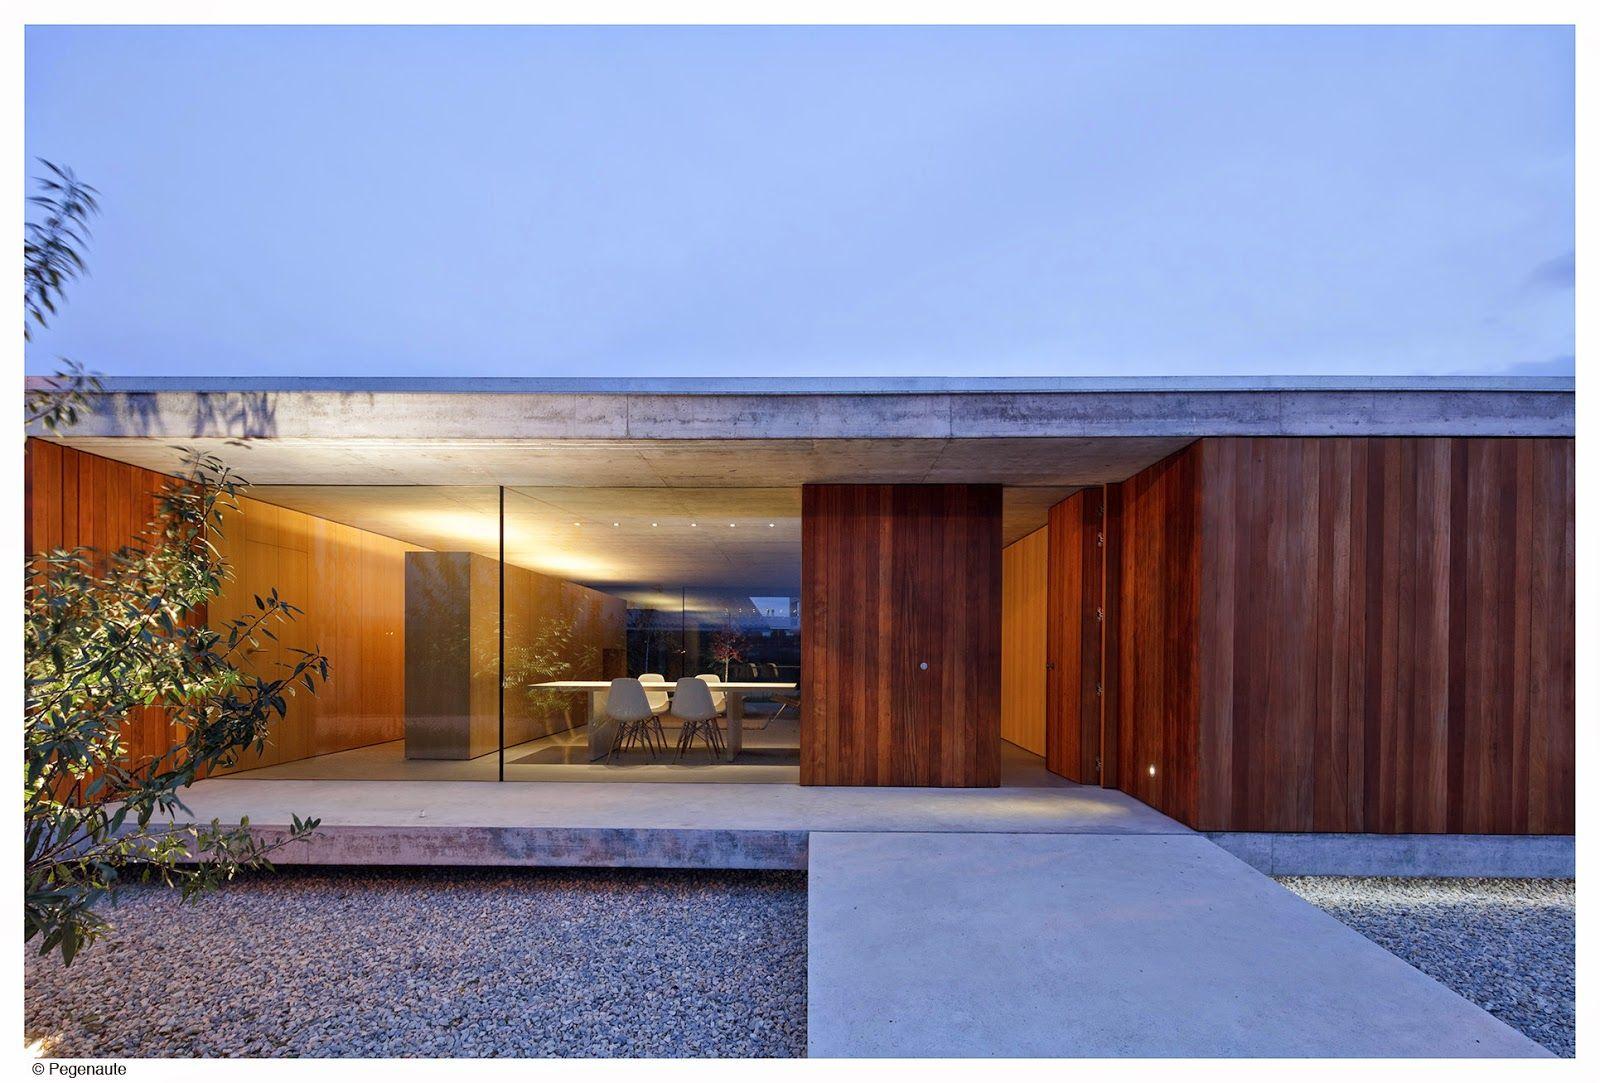 arquitectura zona cero: TRAS EL CRISTAL / VIVIENDA ... - photo#37